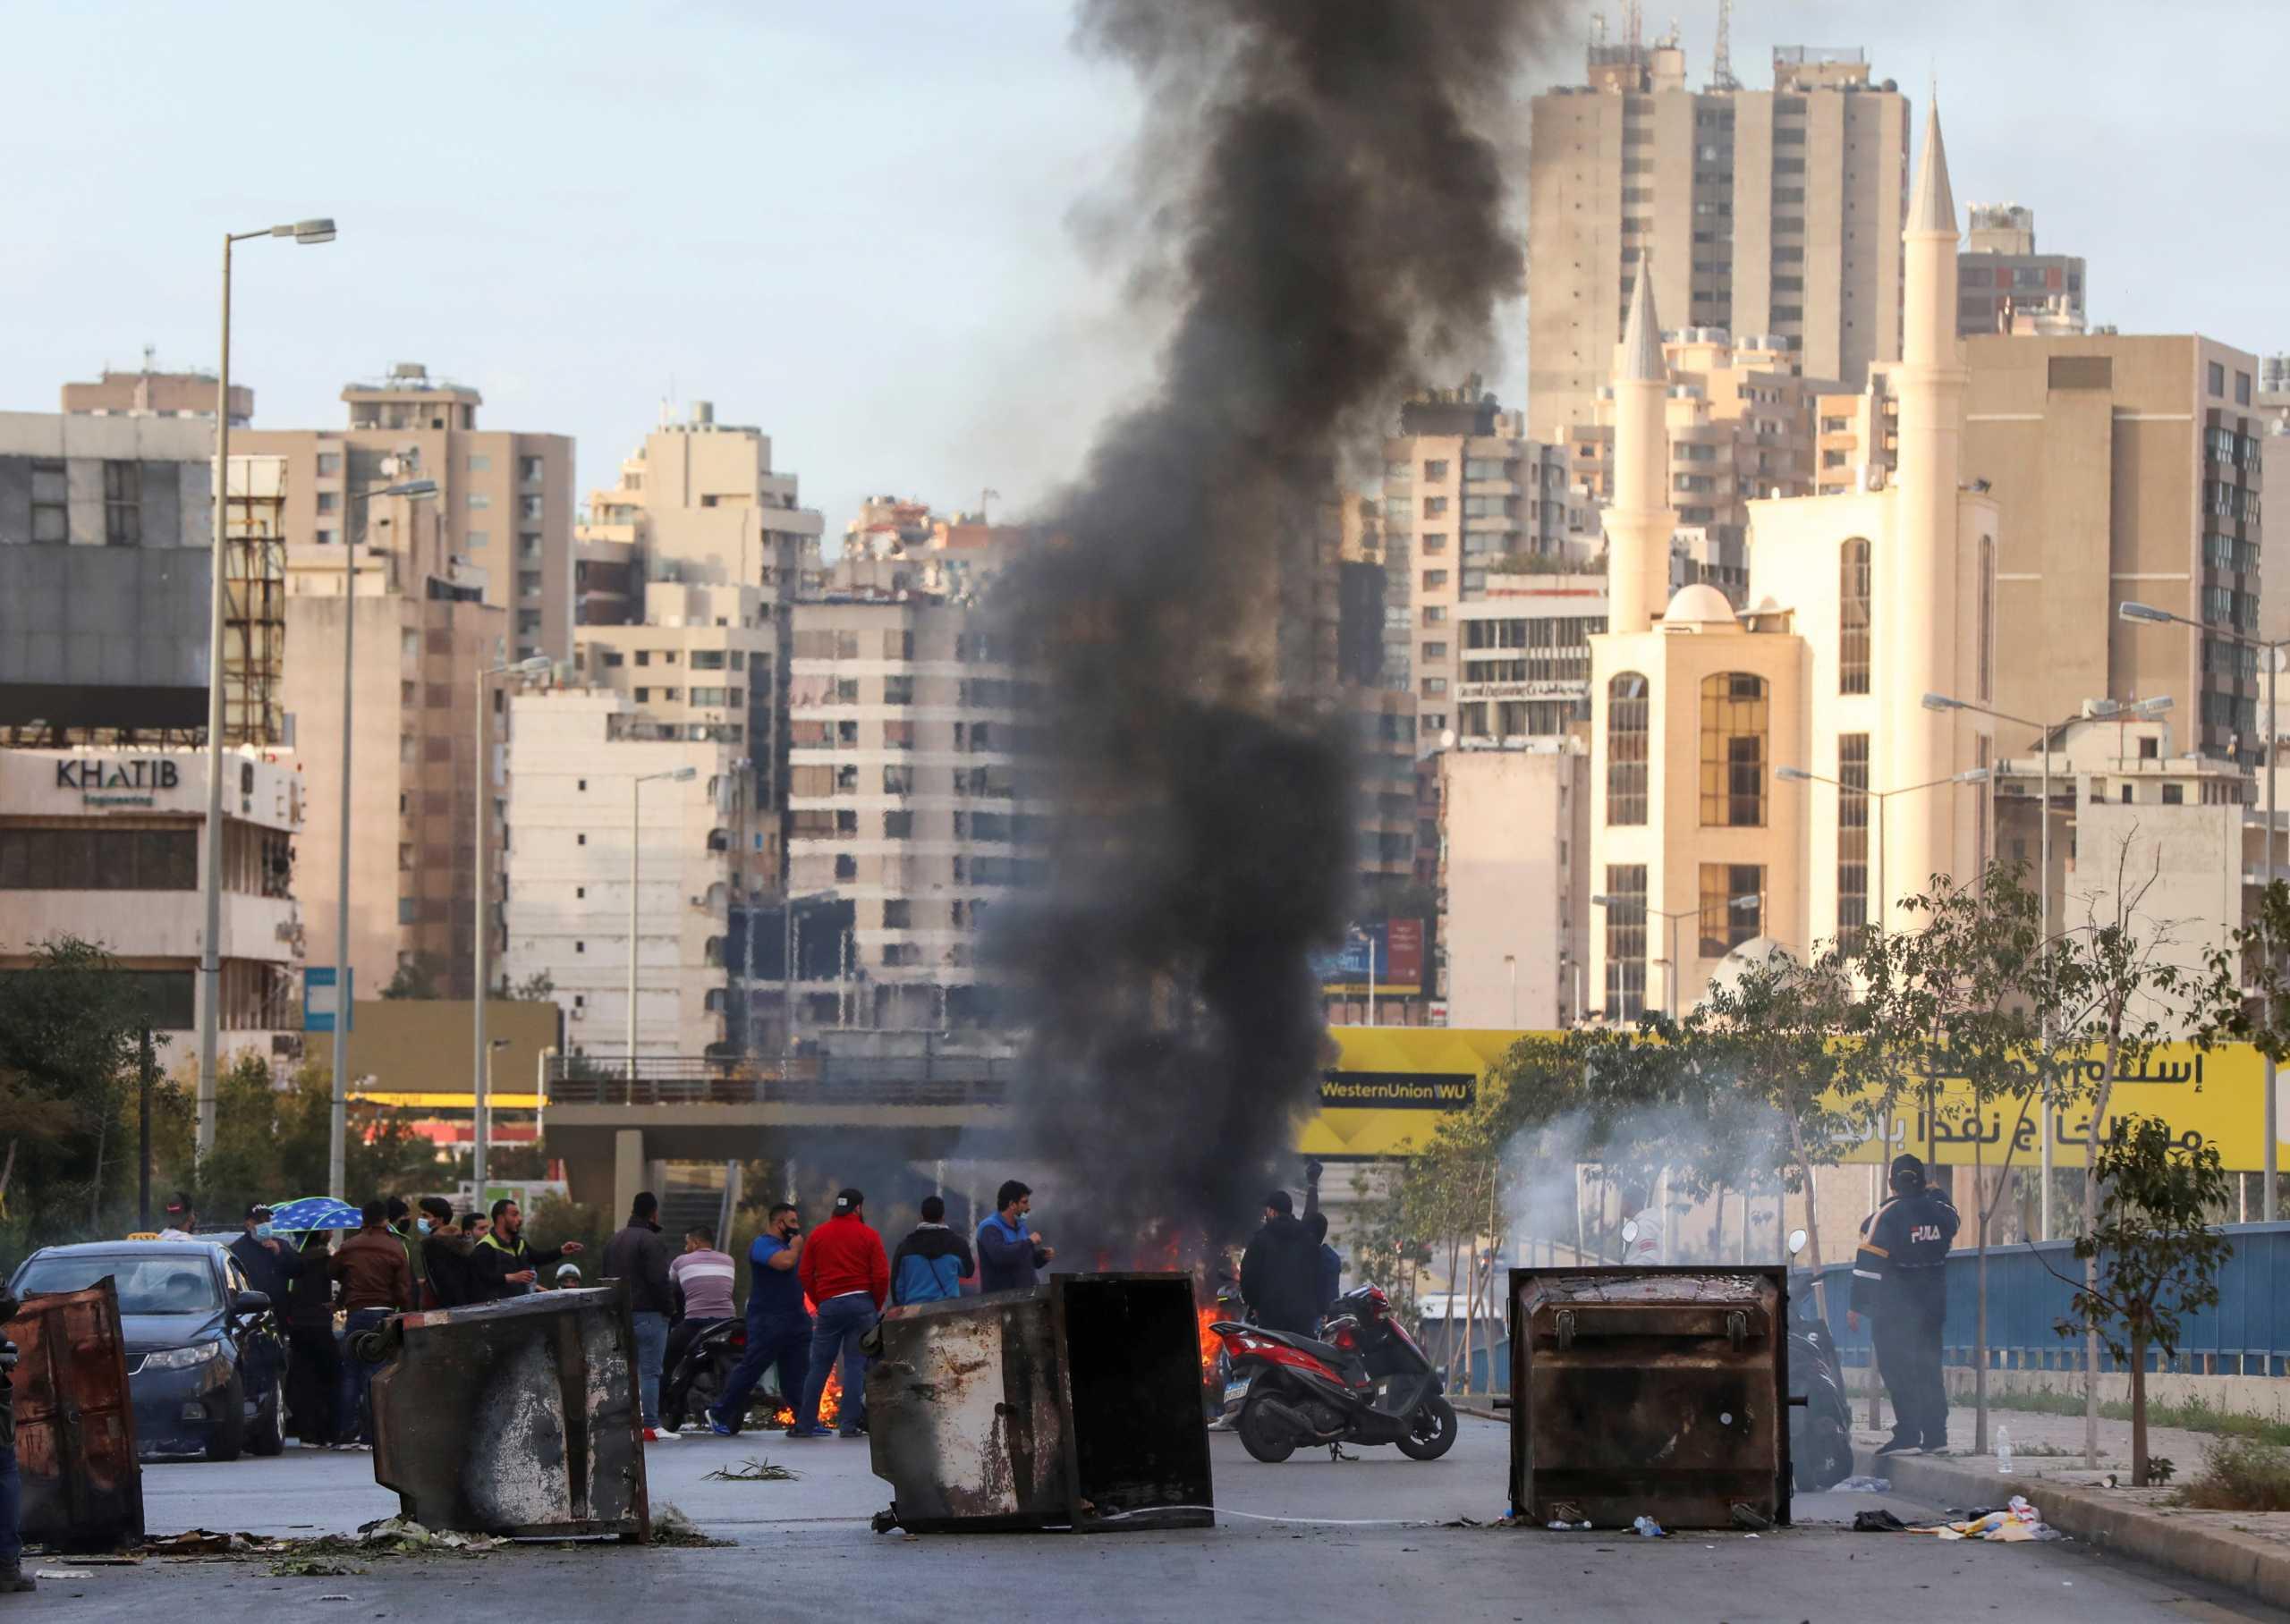 Αναβρασμός στο Λίβανο – Ο πρόεδρος καλεί τον πρωθυπουργό να σχηματίσει κυβέρνηση ή να φύγει